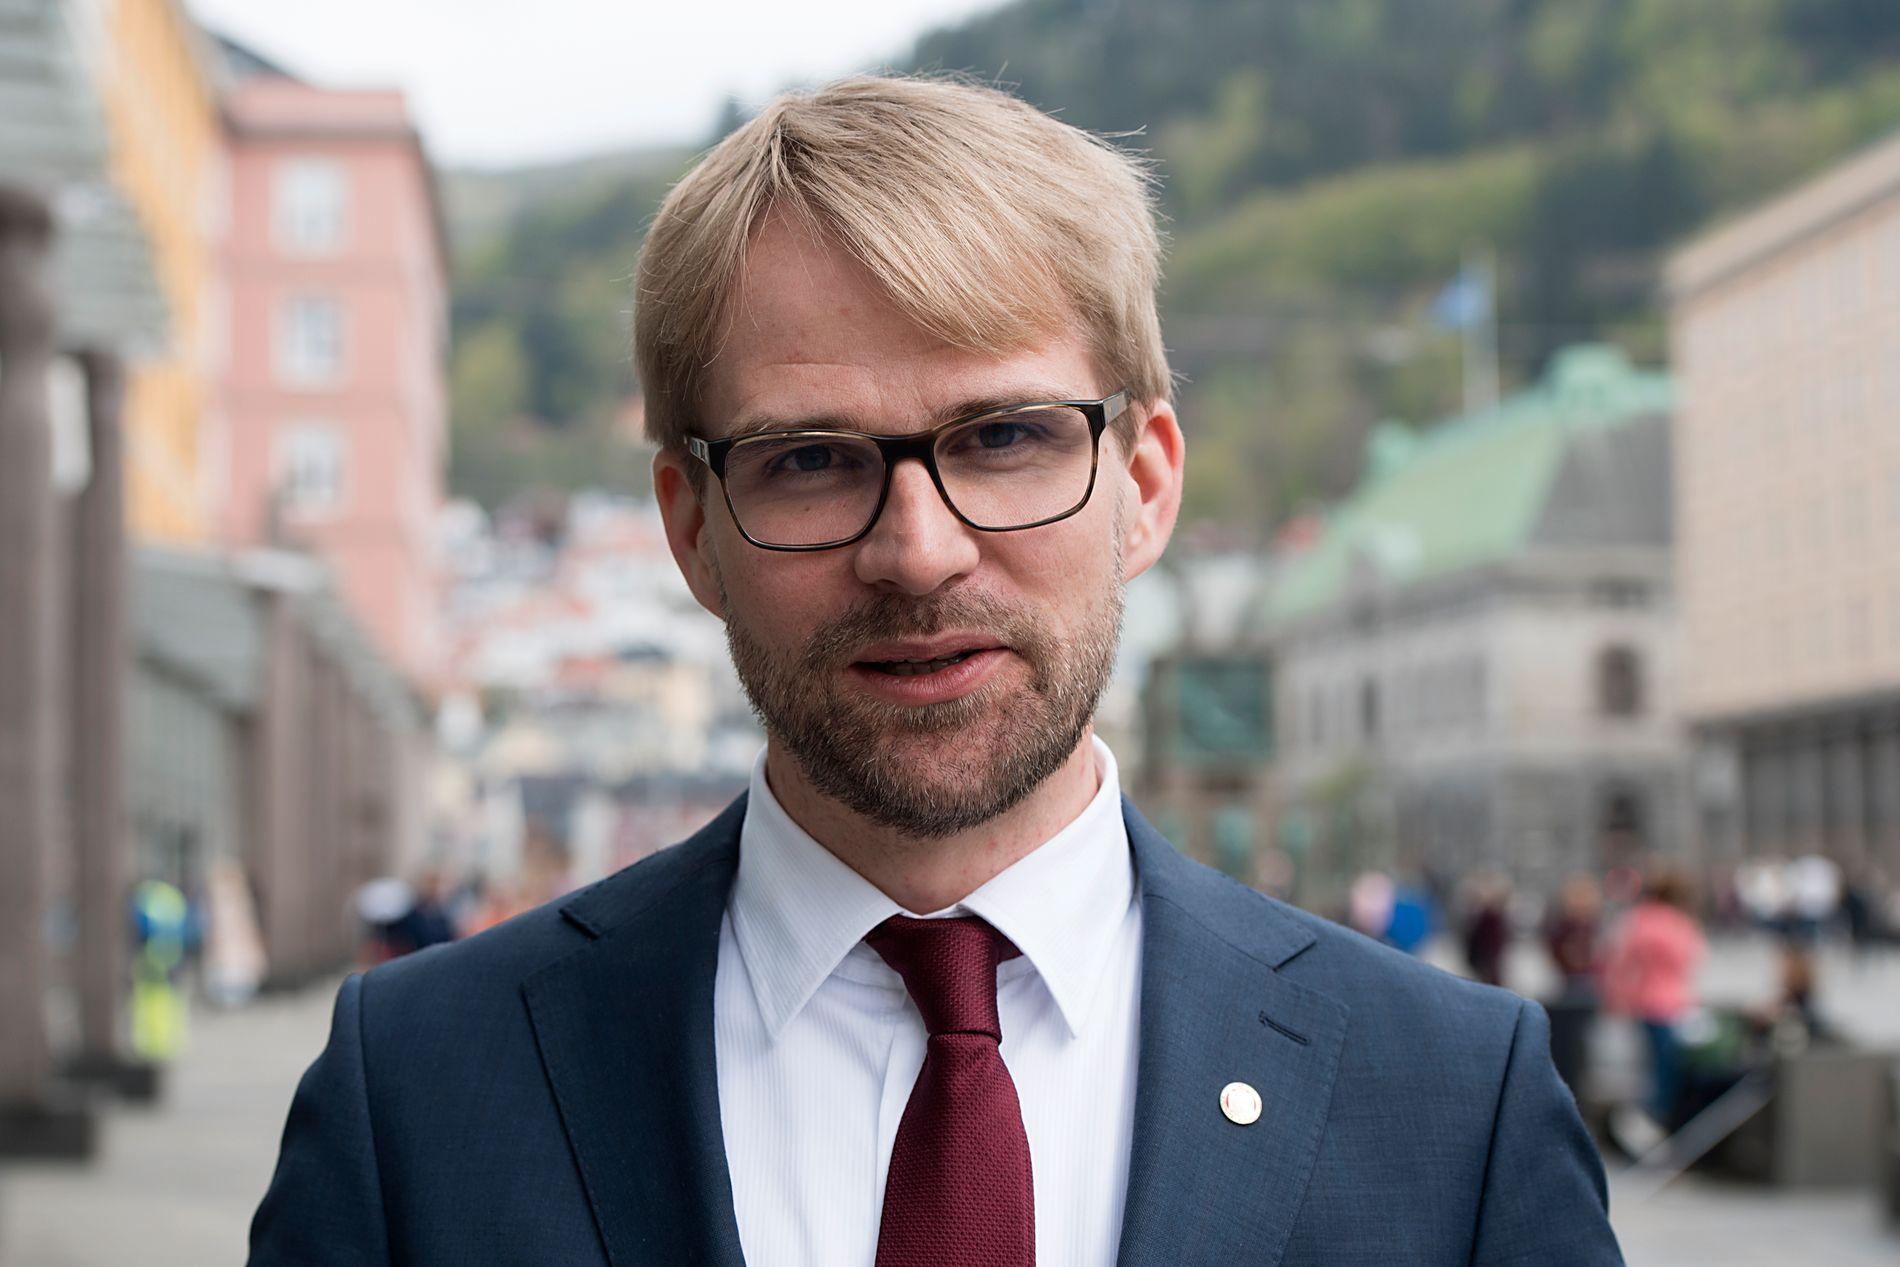 VIL FORTSETTE: Aps byrådslederkandidat Roger Valhammer.